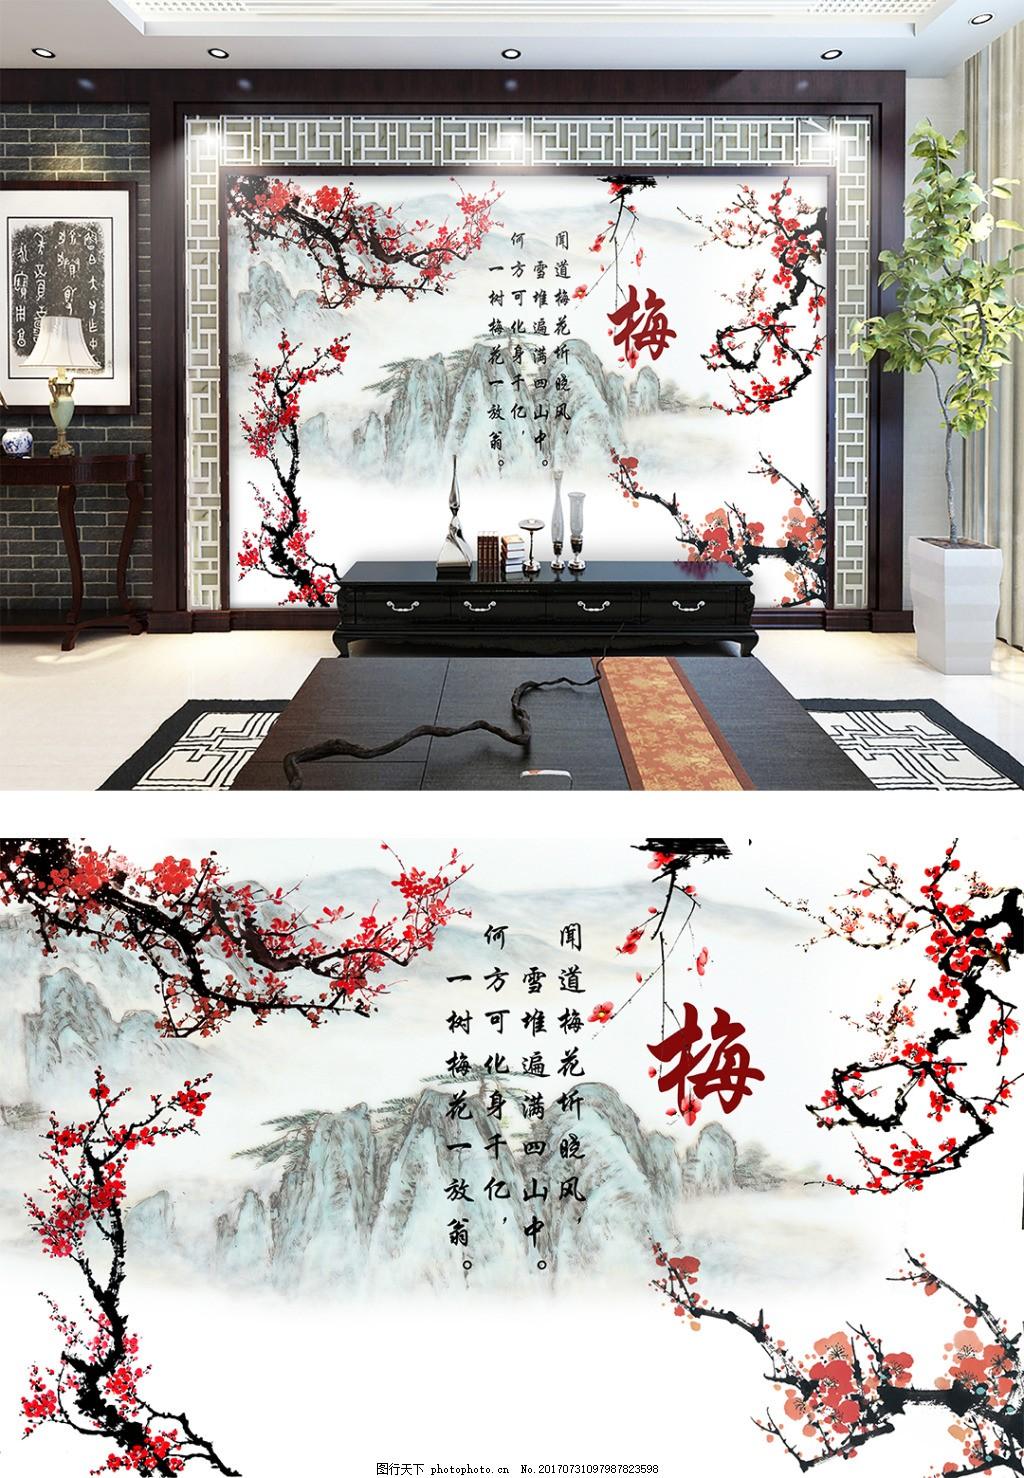 梅花雪山背景墙 诗词 淡雅 风俗